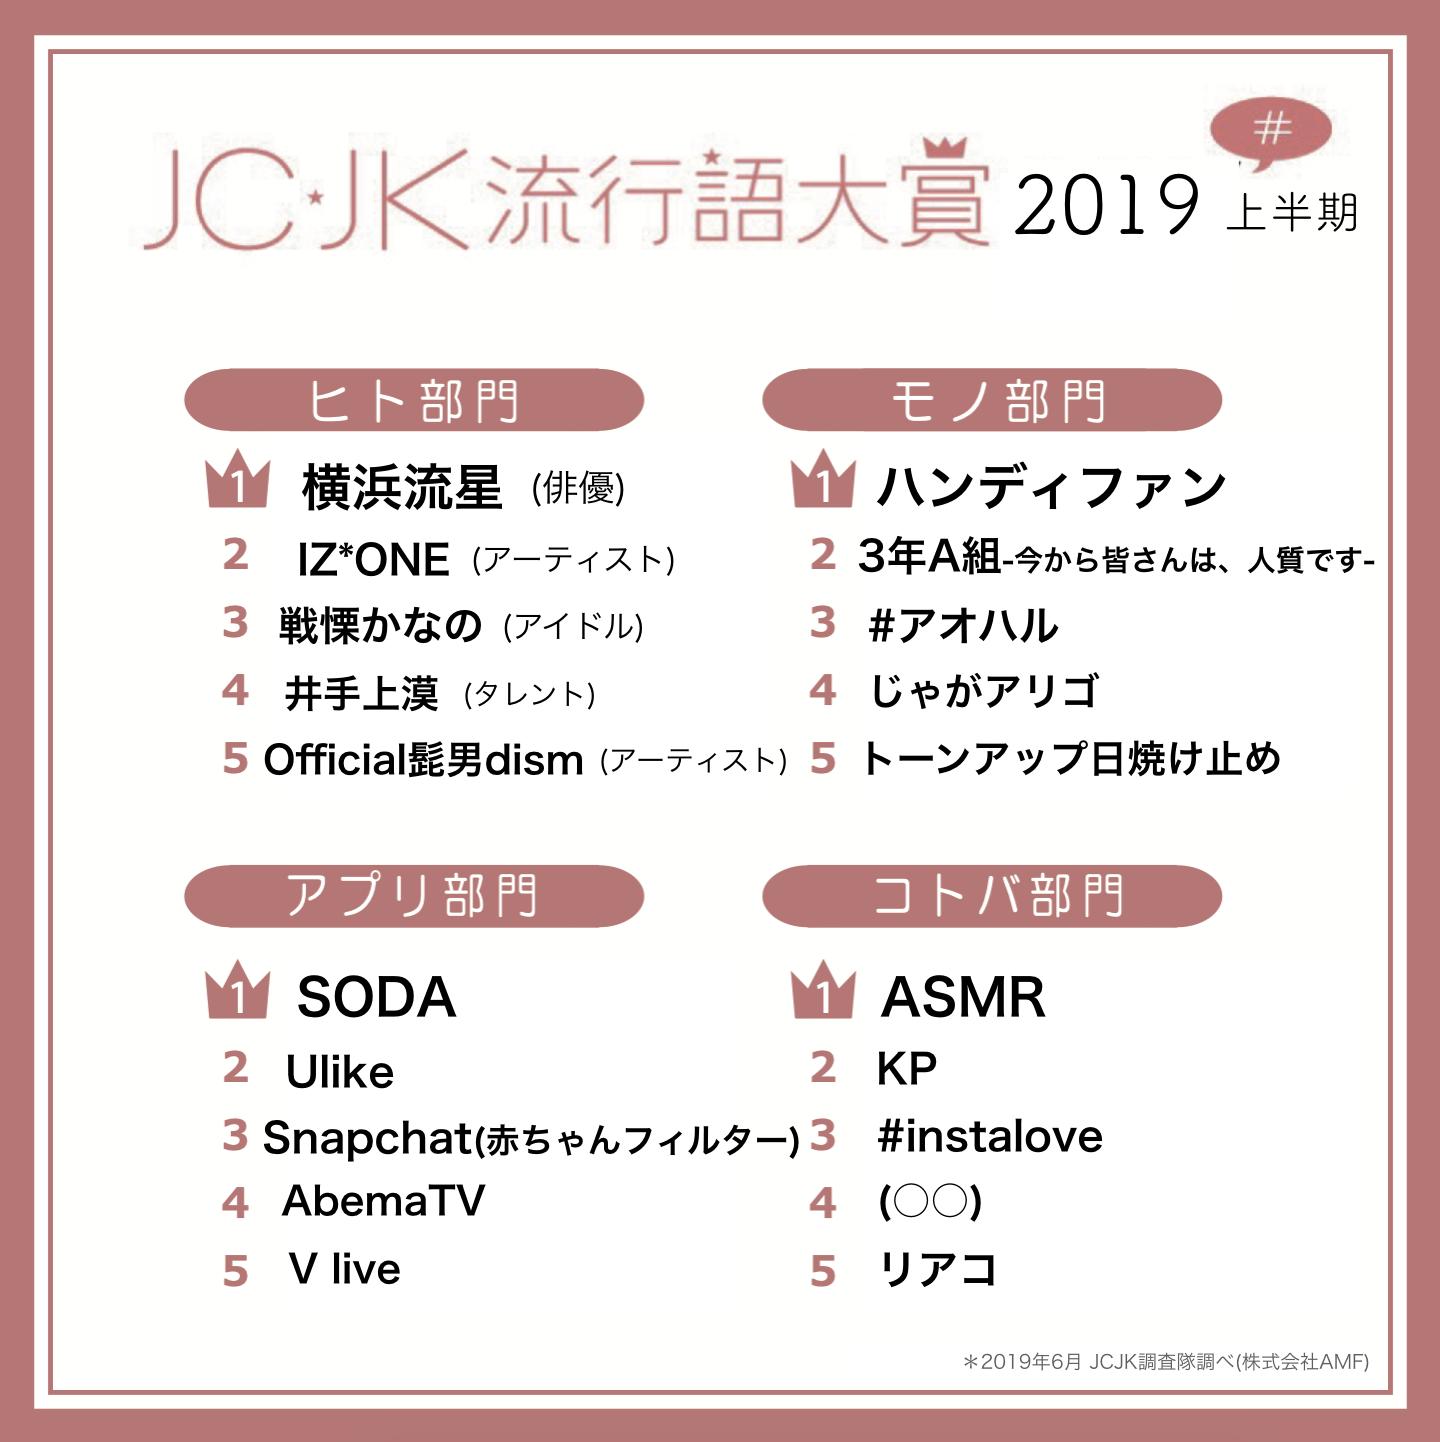 JC・JK流行語大賞2019年上半期を発表 「ASMR」「KP」「(○○)」がランクイン!